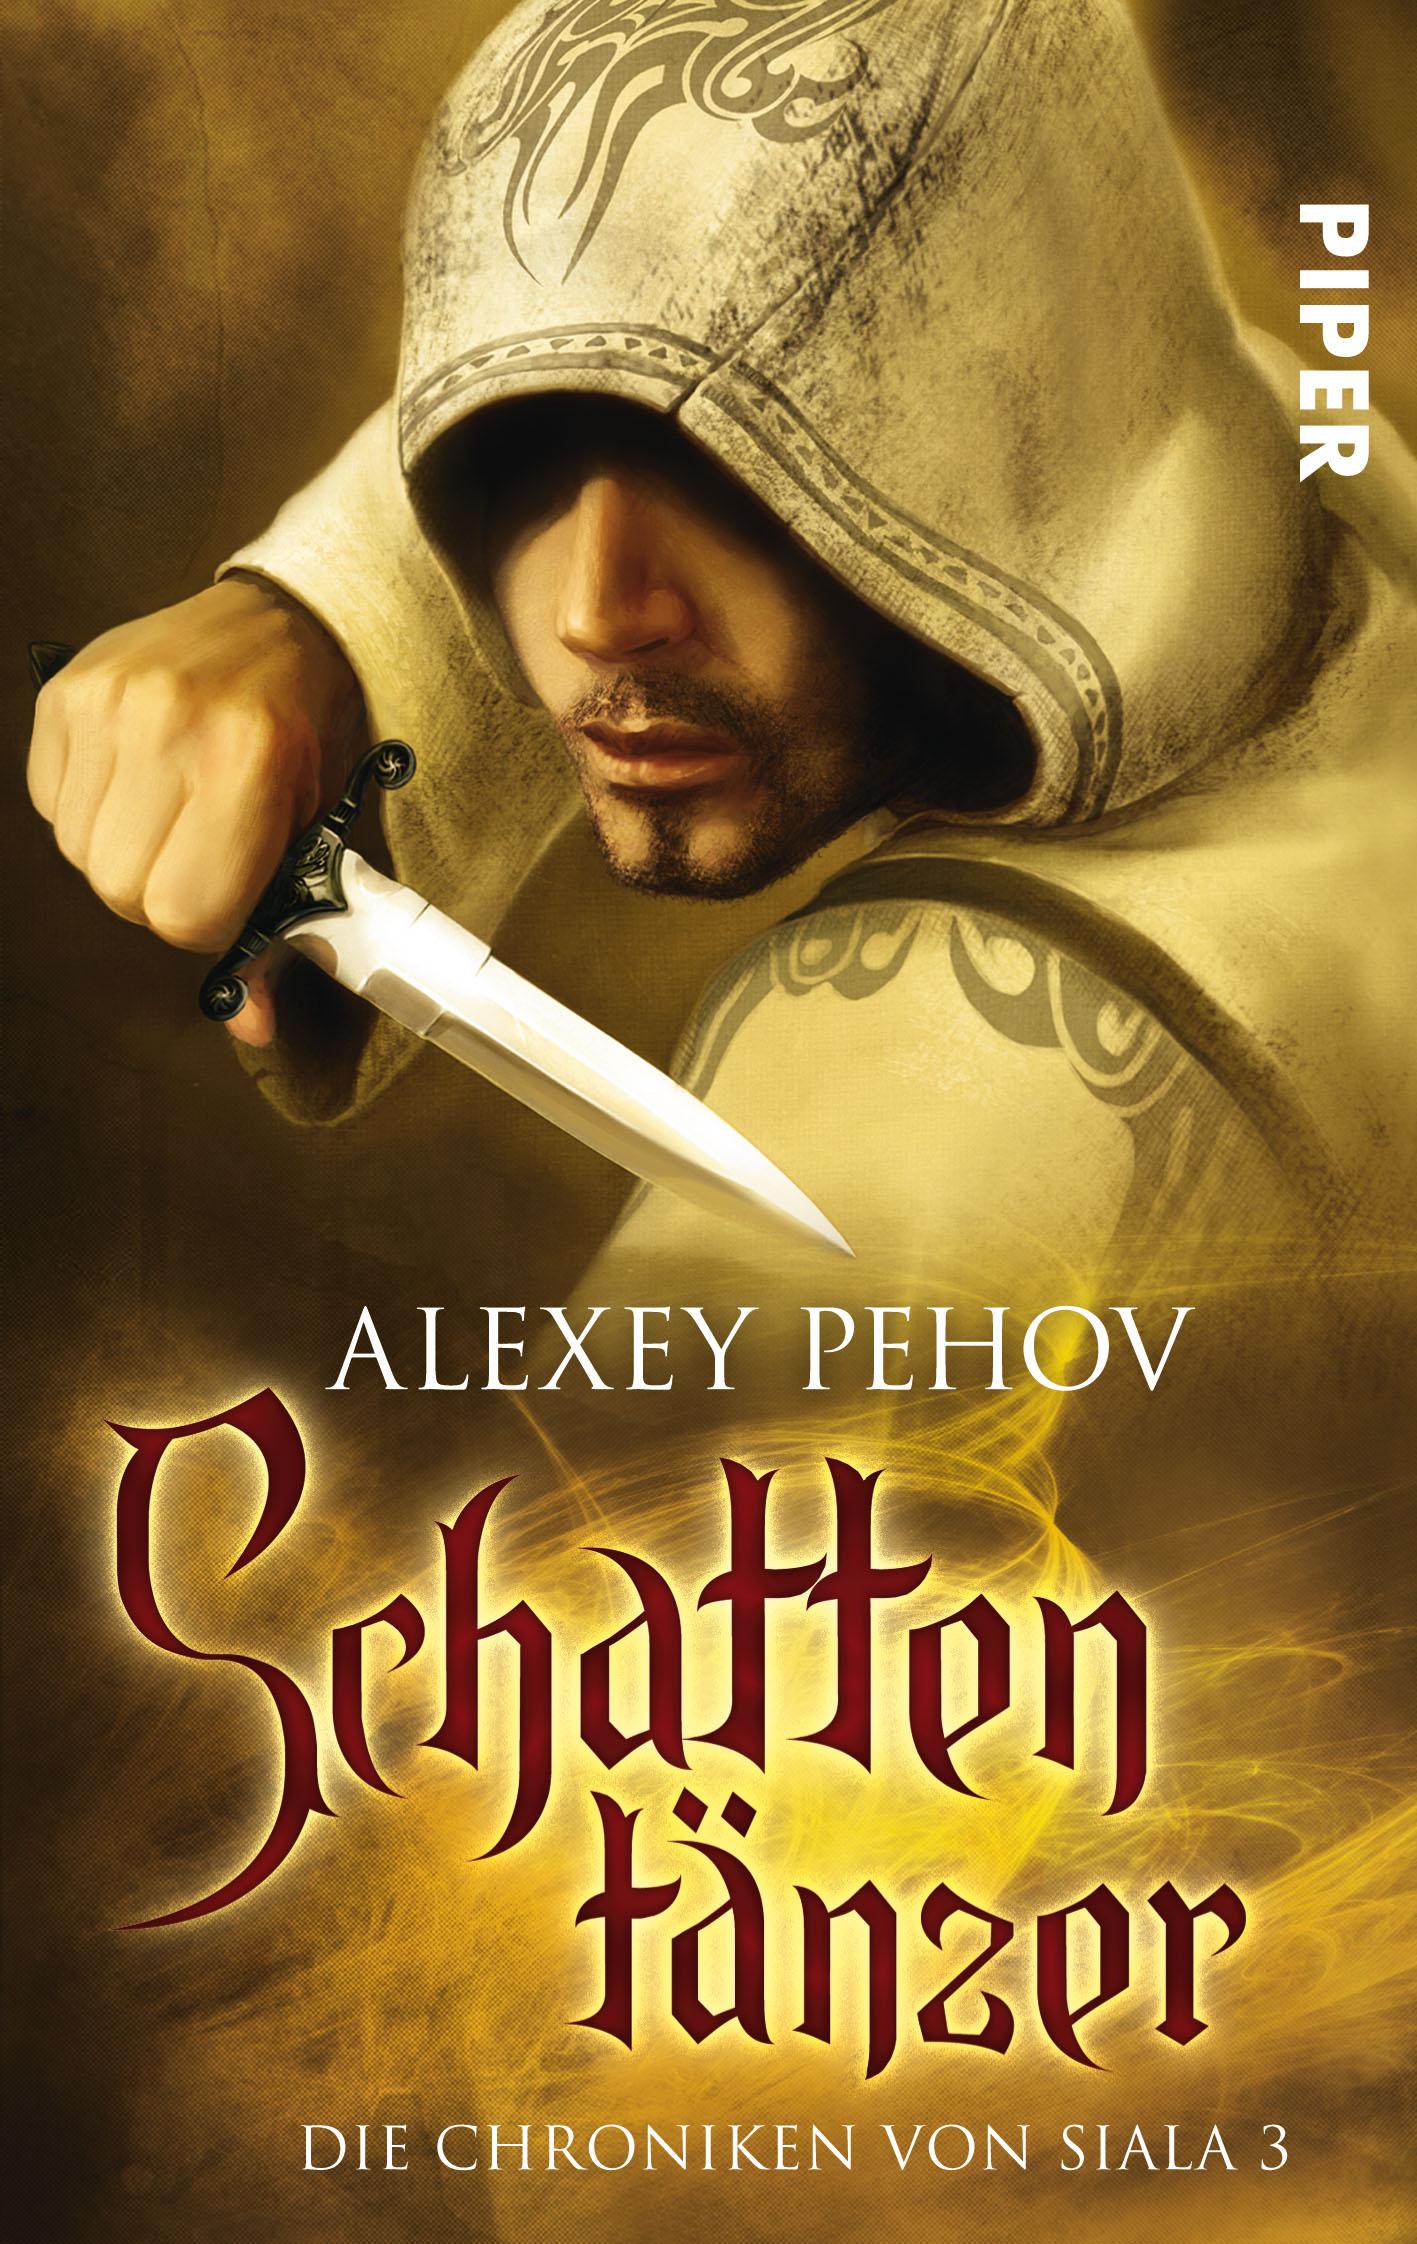 Schattentänzer: Die Chroniken von Siala 3 - Alexey Pehov